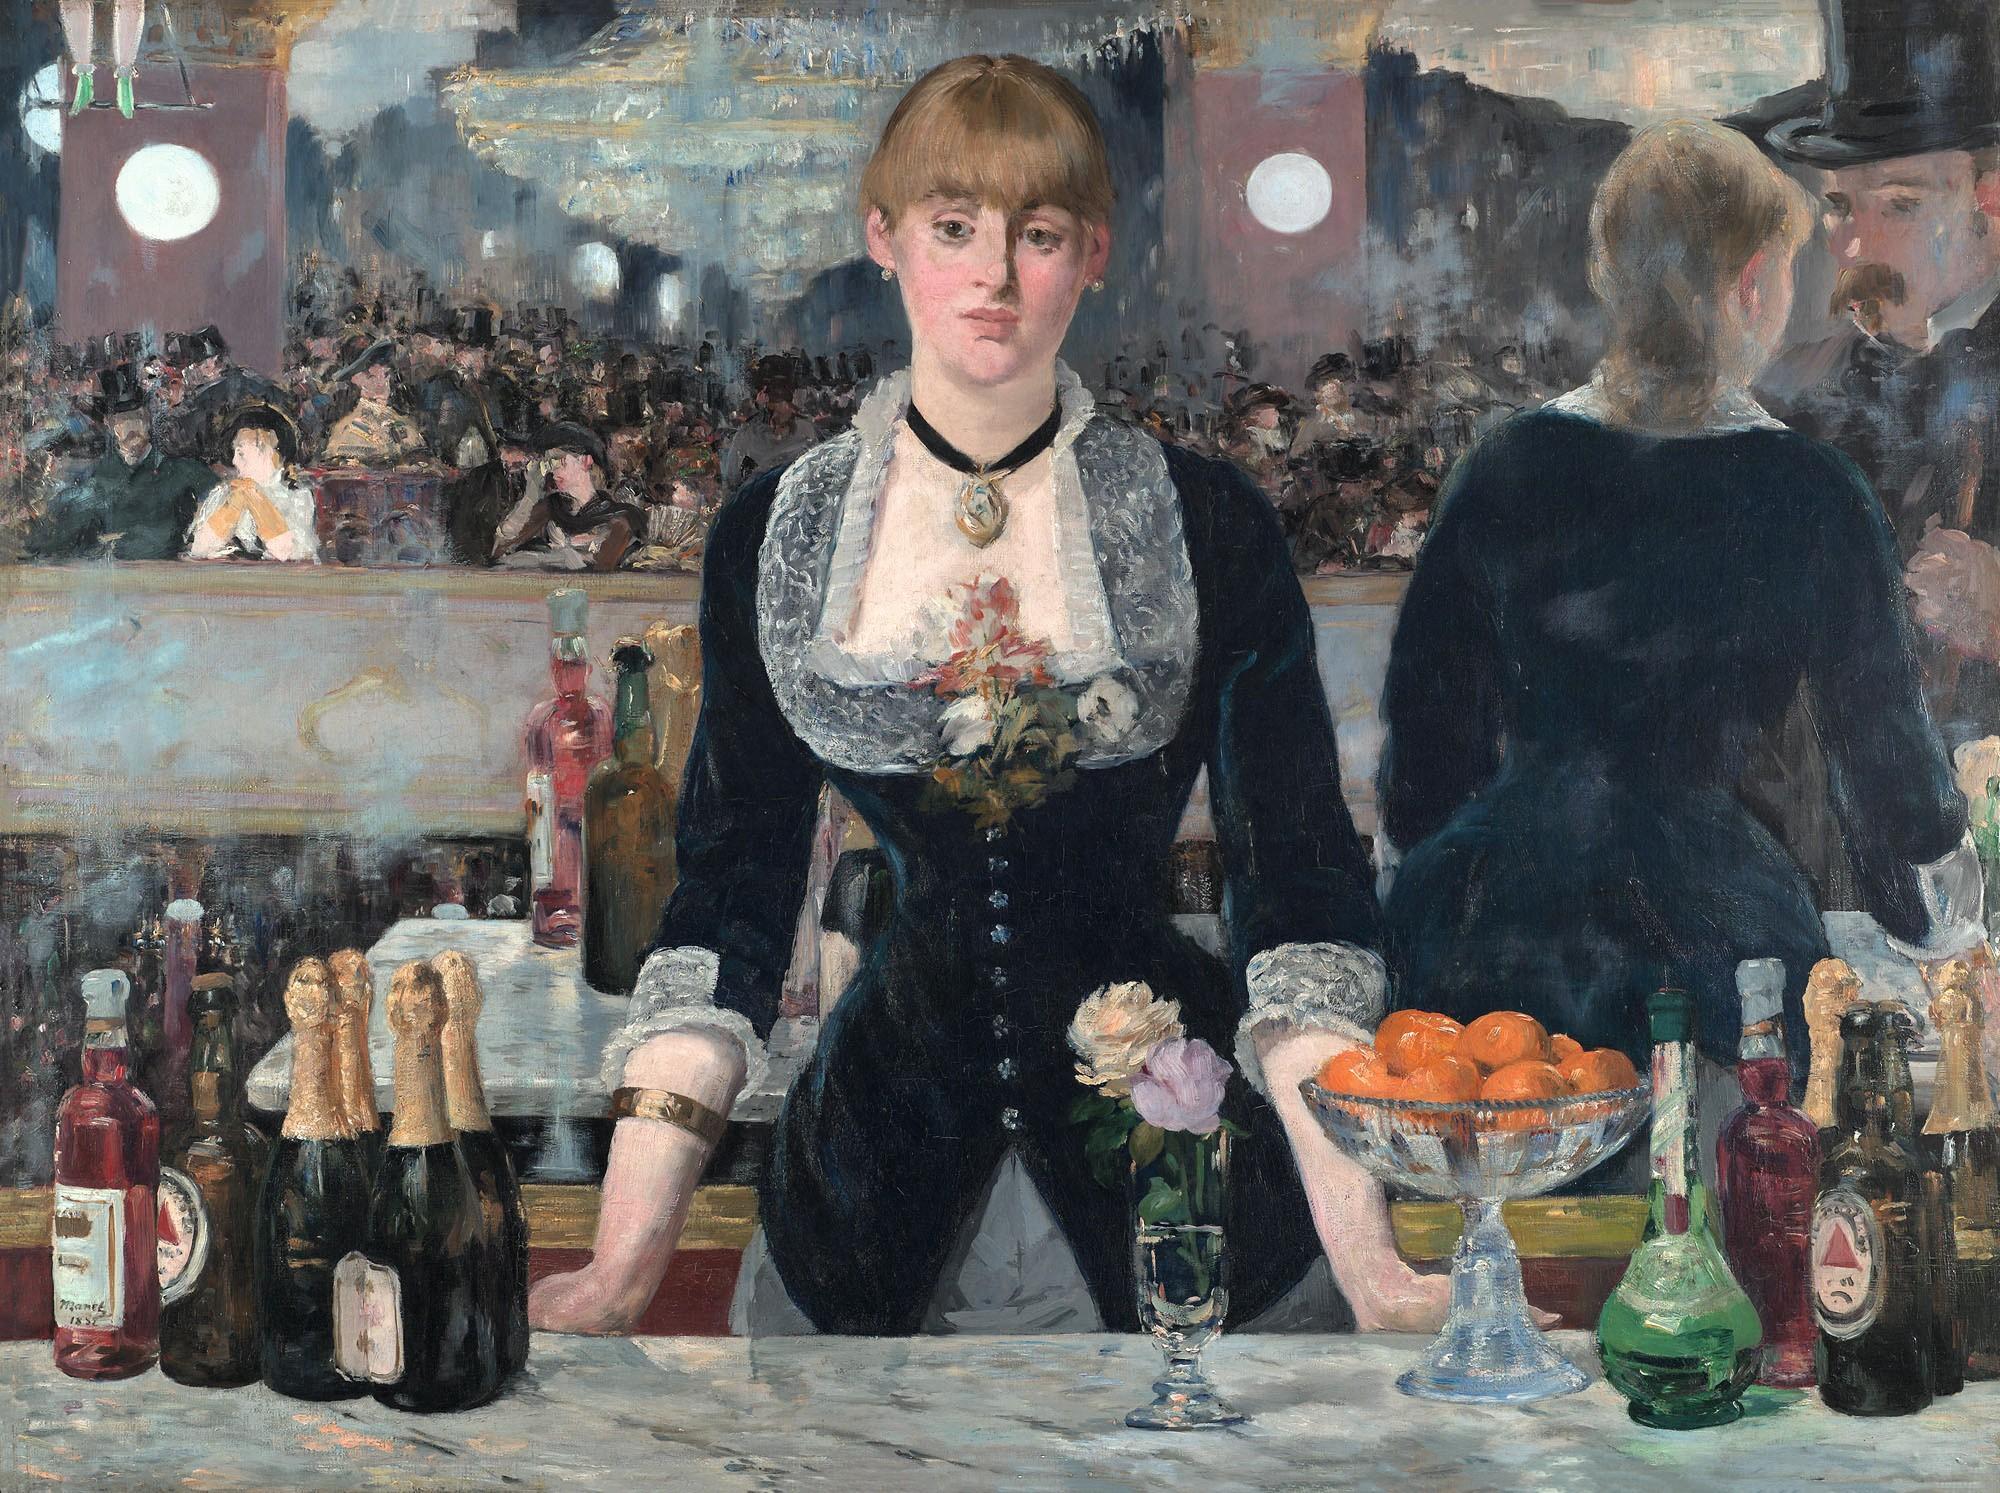 Édouard Manet, Un bar aux Folies Bergère, 1881 -1882, huile sur toile, 96 × 130 cm, galerie Courtauld, Londres.